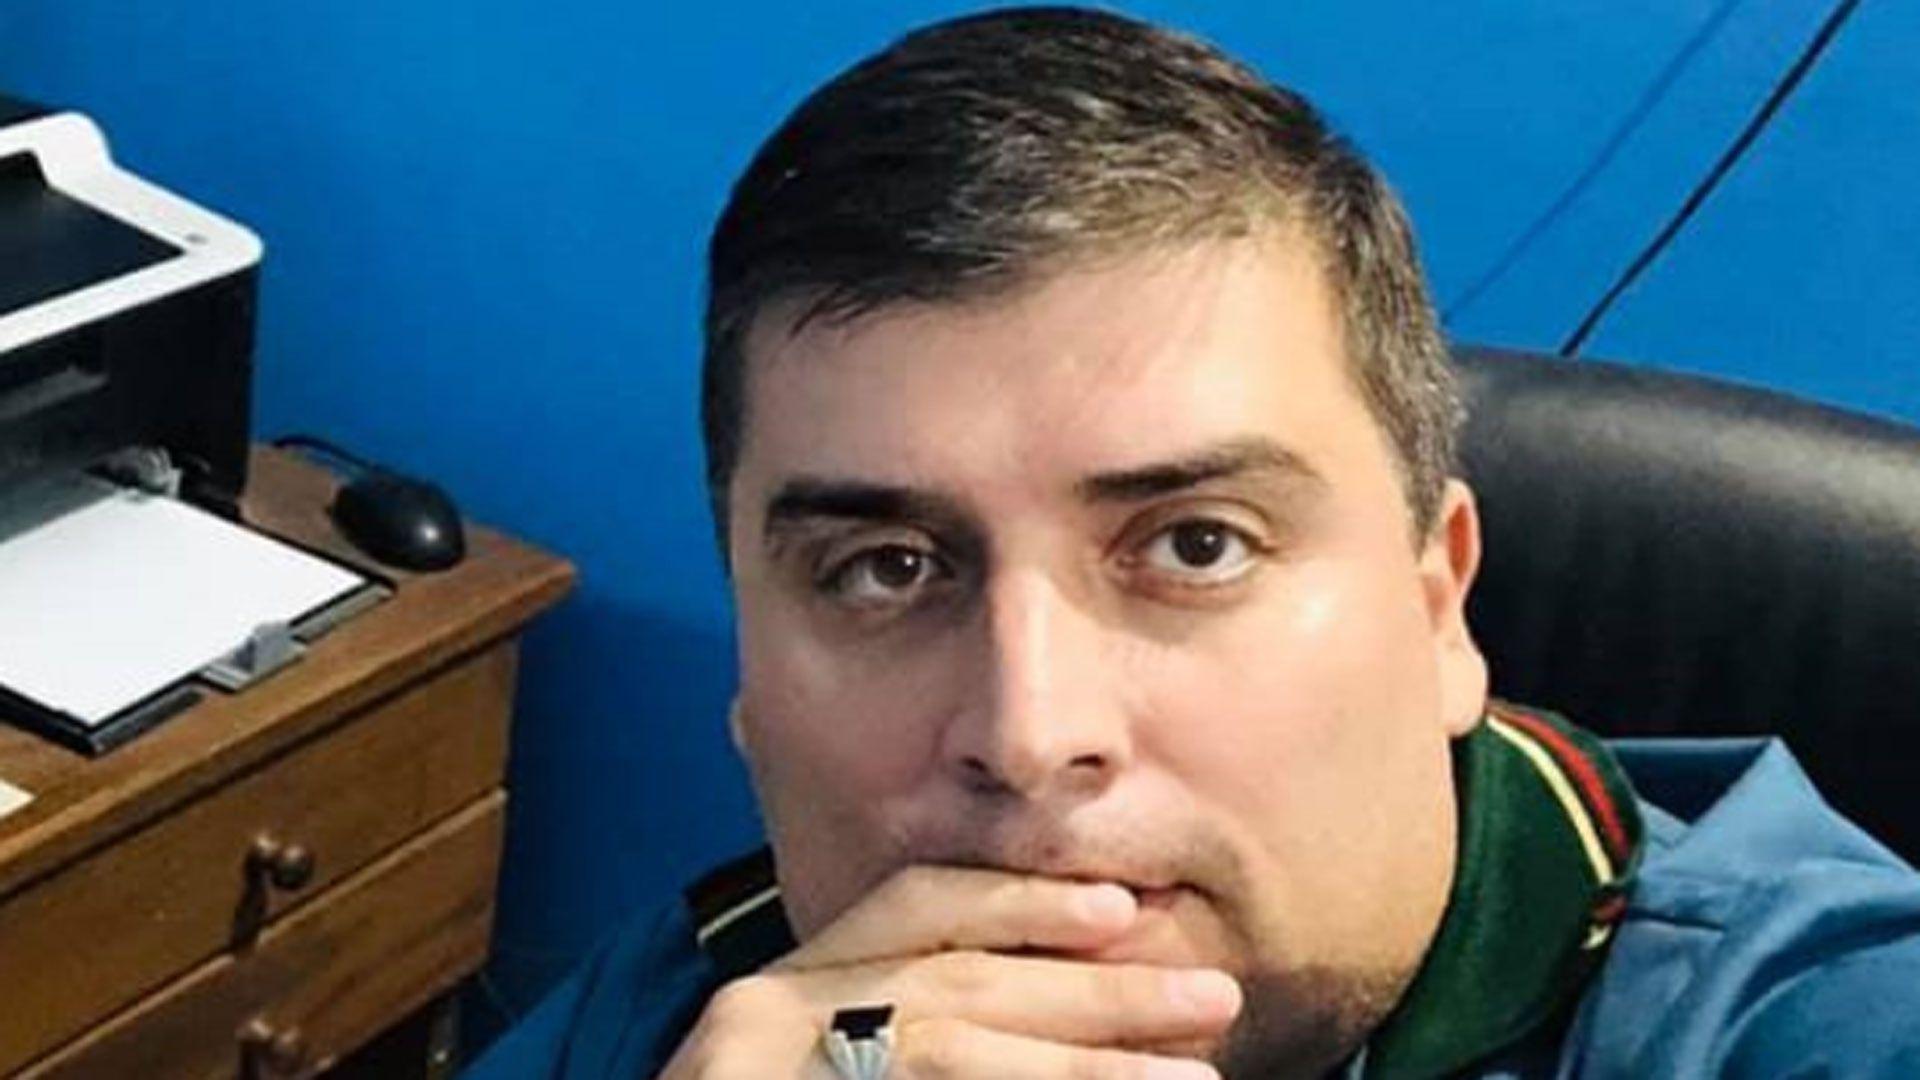 El falso médico Gustavo Figueroa fue separado del cargo y sometido a una causa penal (Twitter)